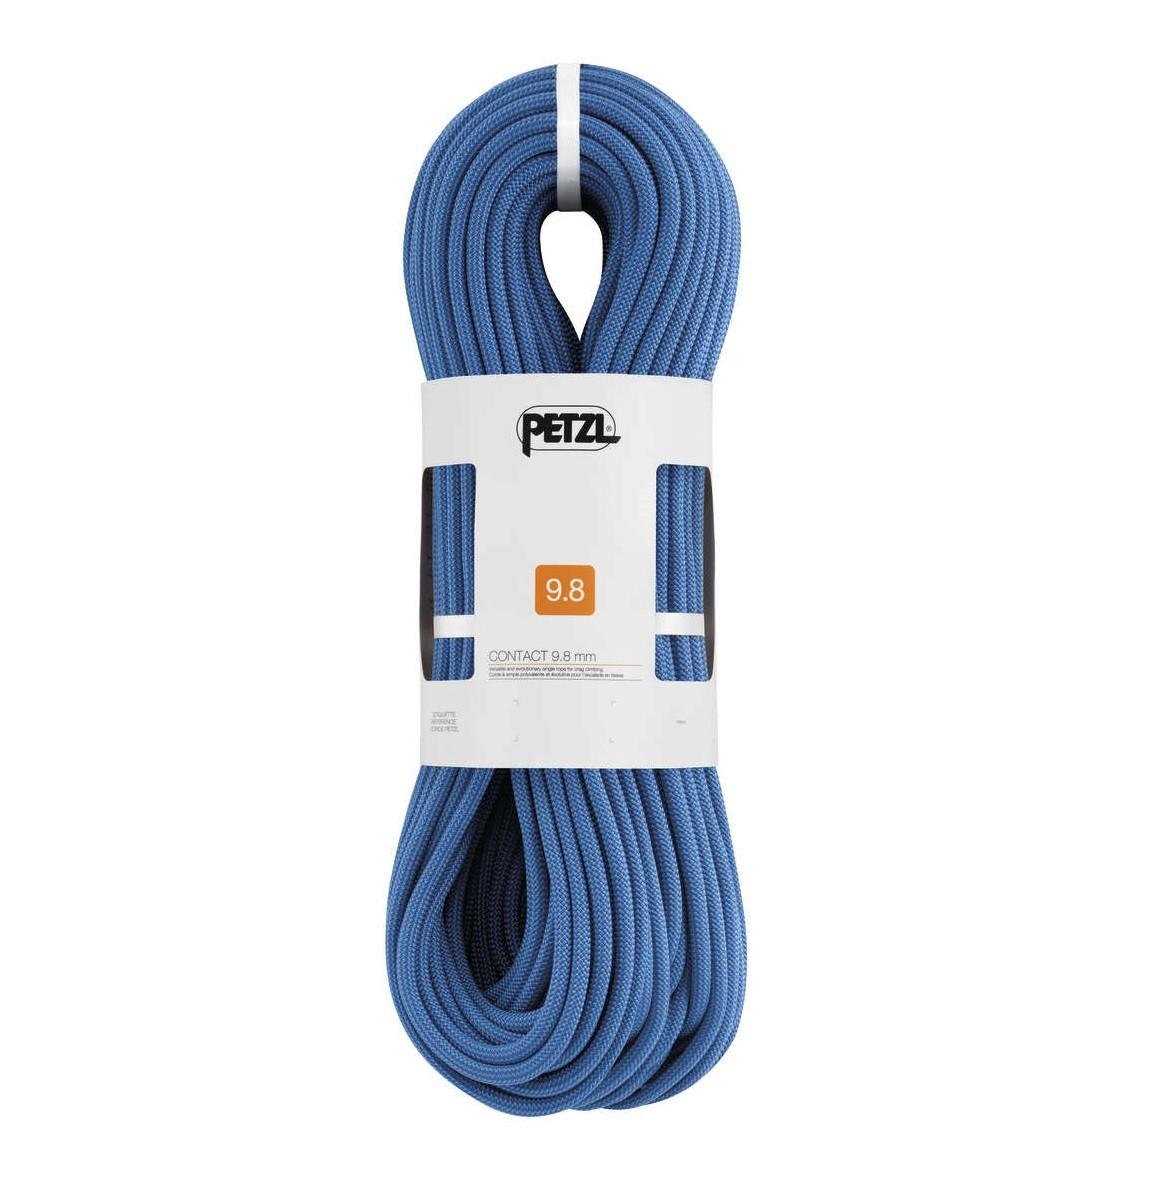 Contact 9,8 mm - Corda Dinâmica 70 Metros Petzl